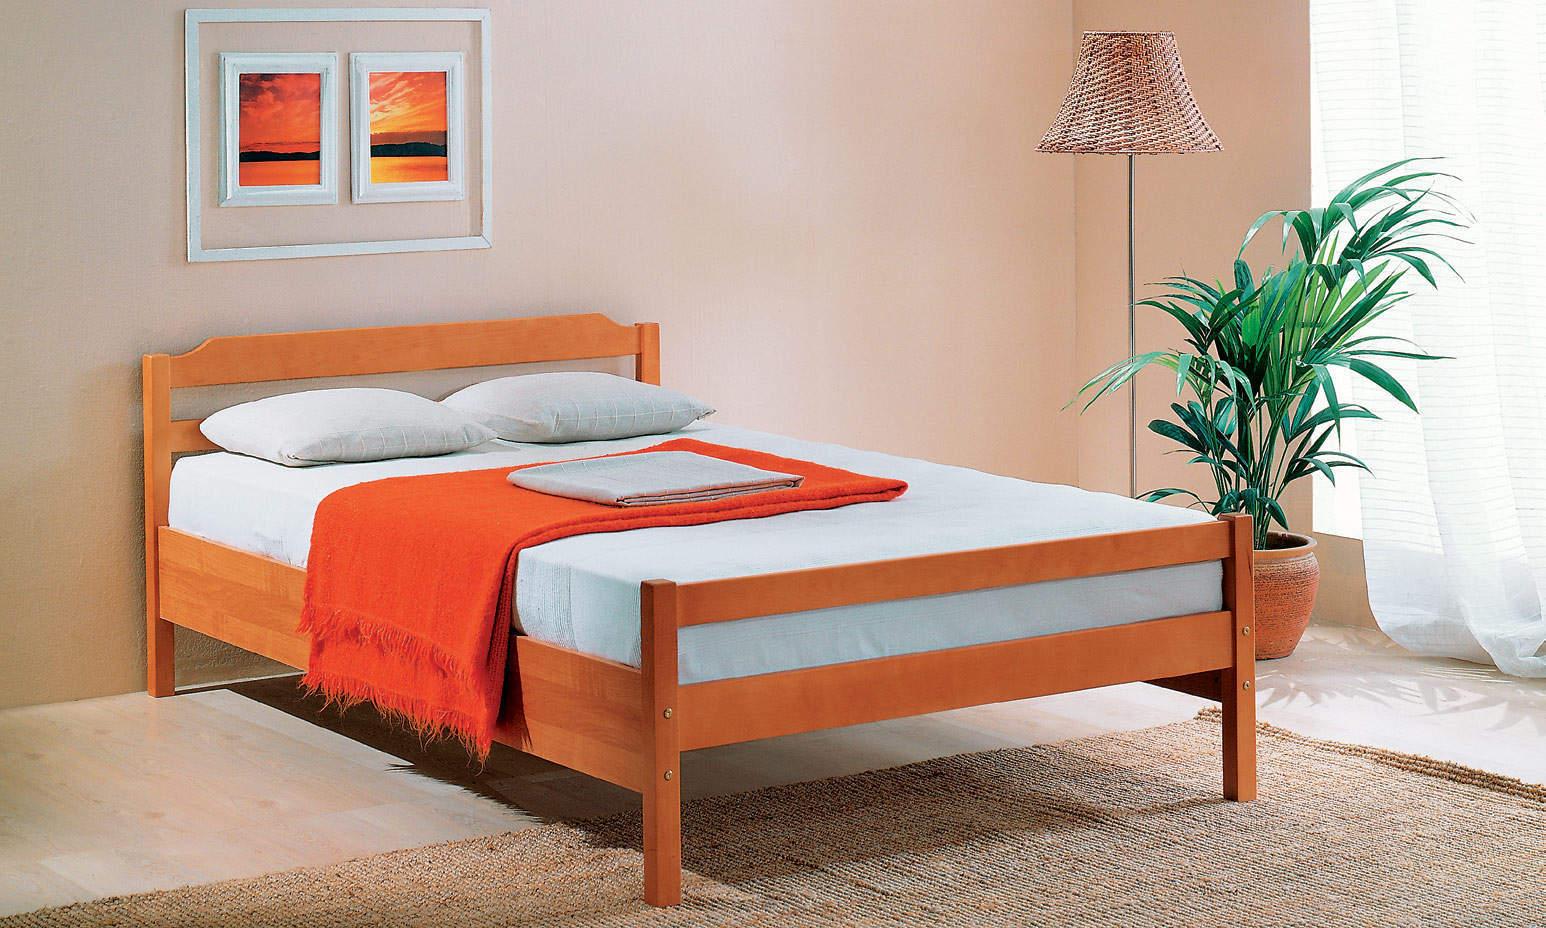 Купить двуспальную кровать цены и фото недорого